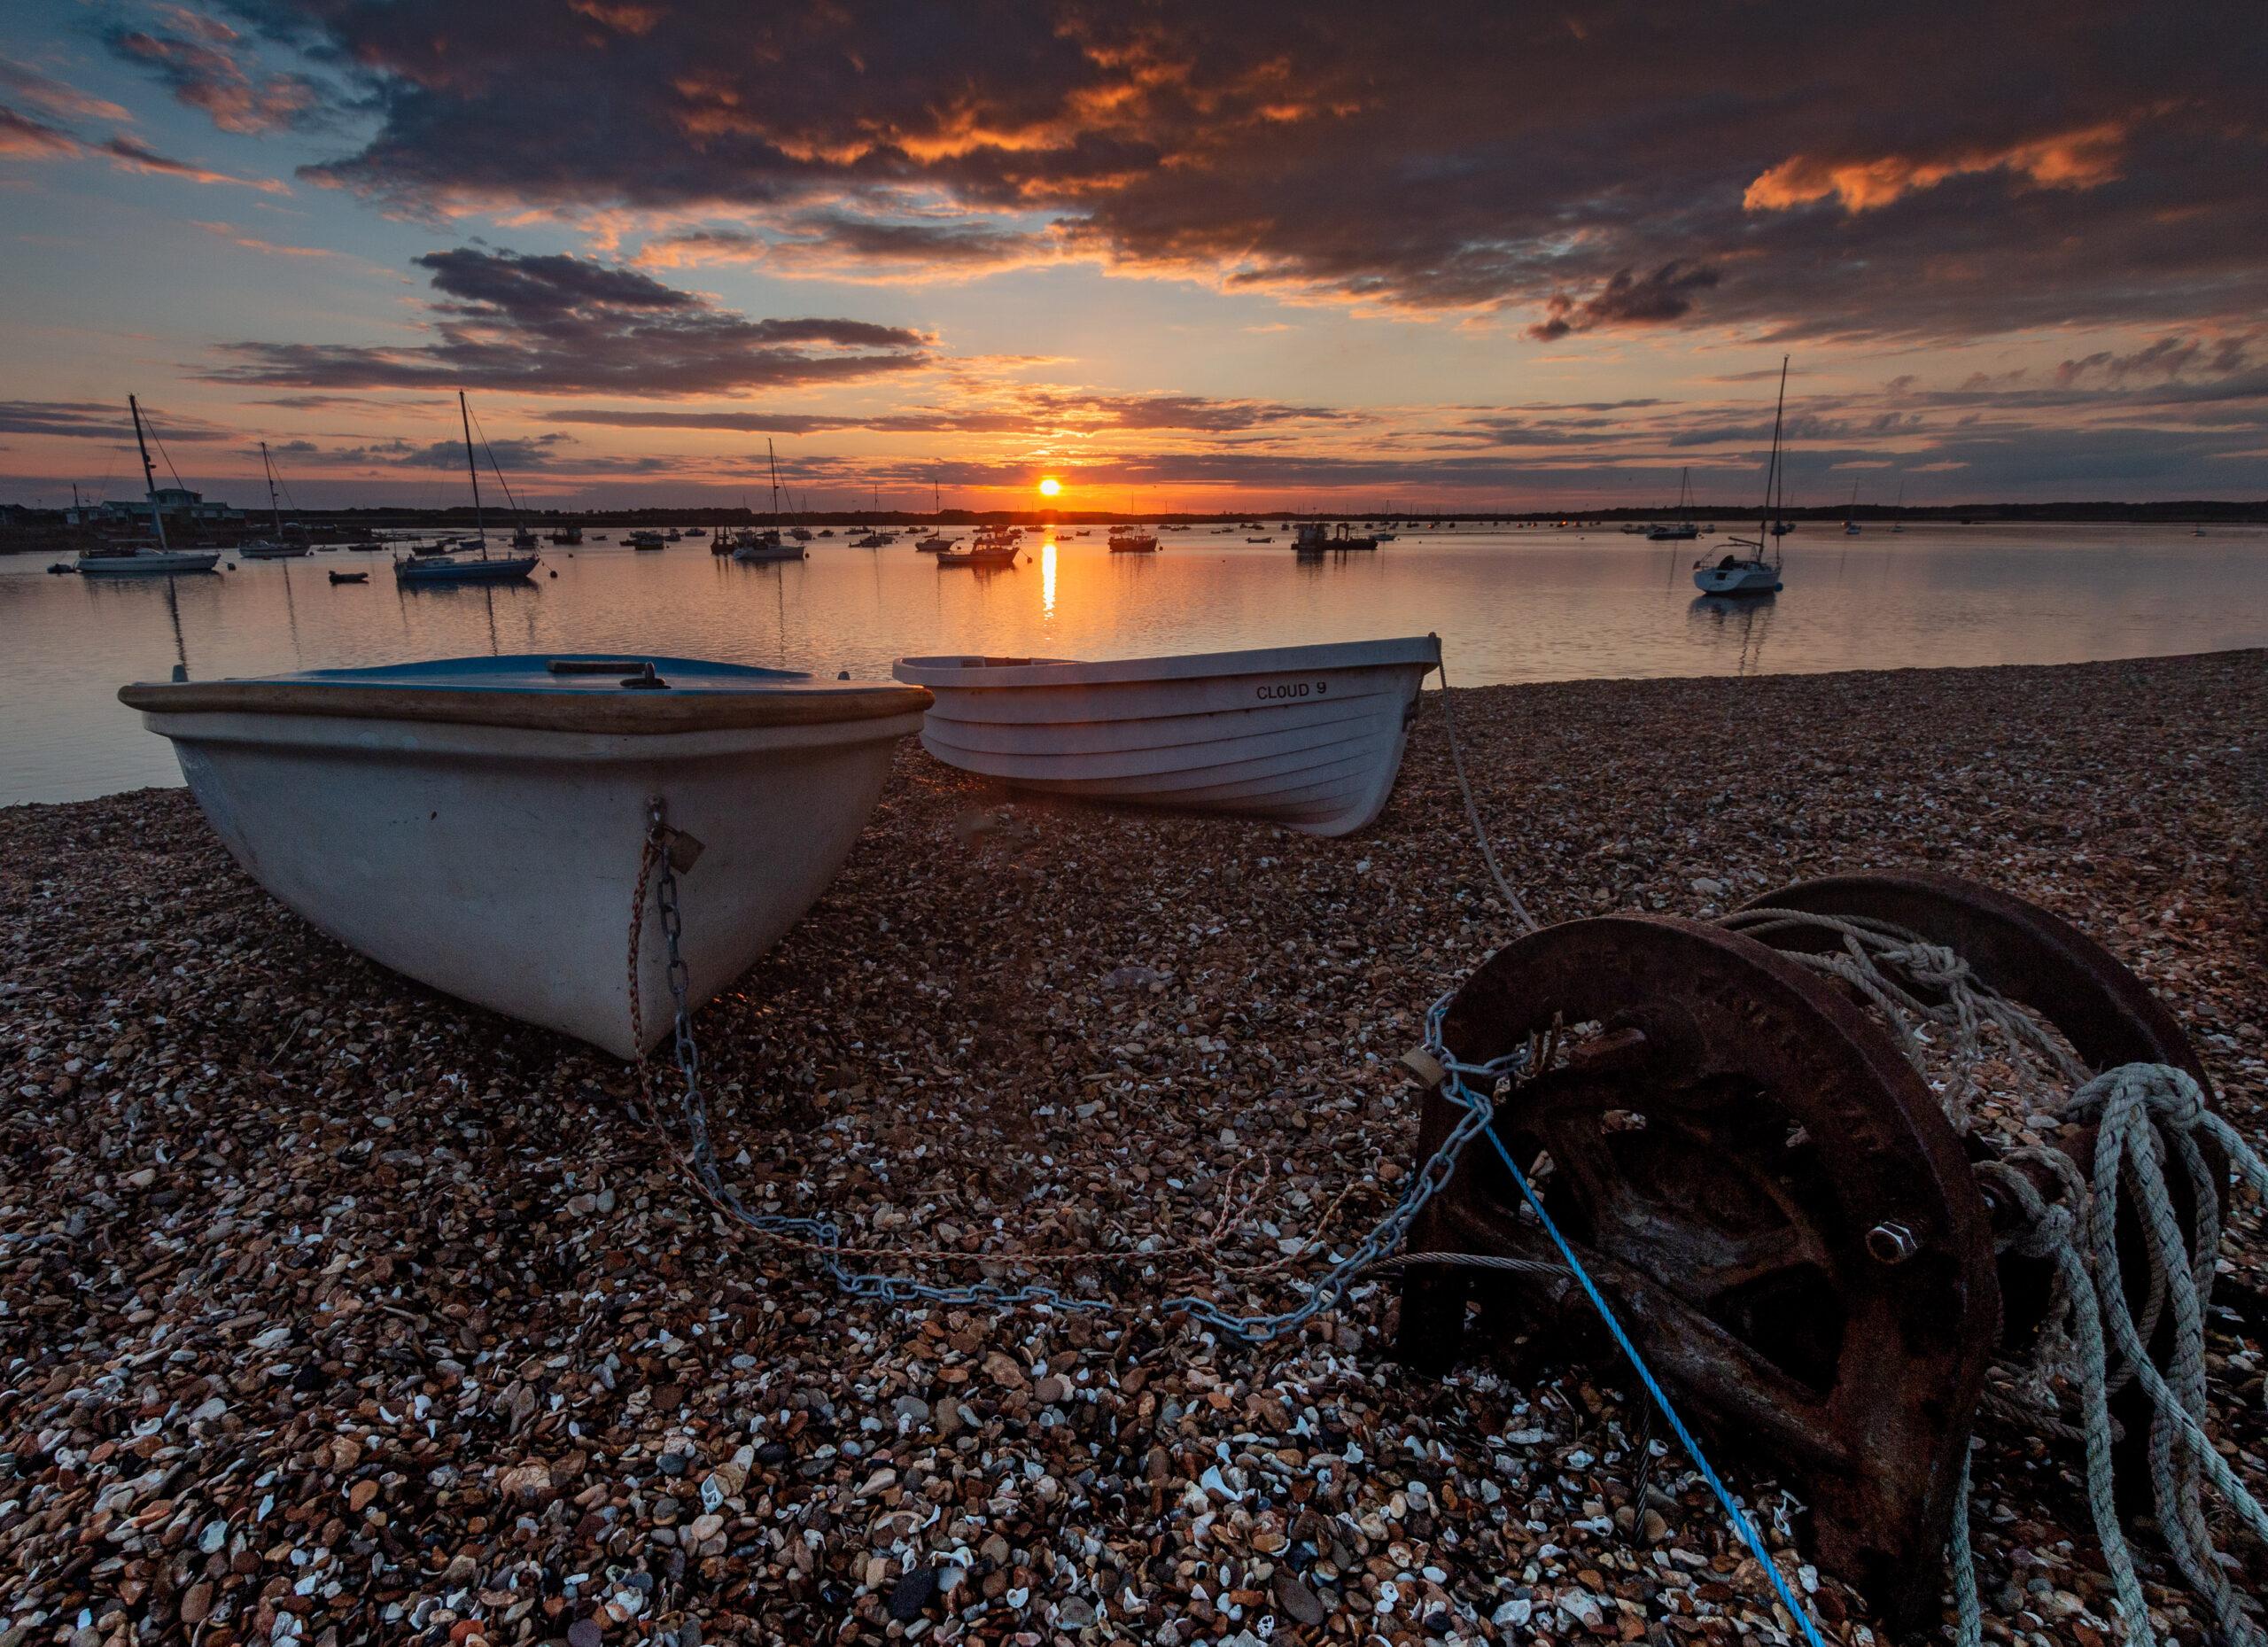 Cloud 9, Bawdsey, Suffolk